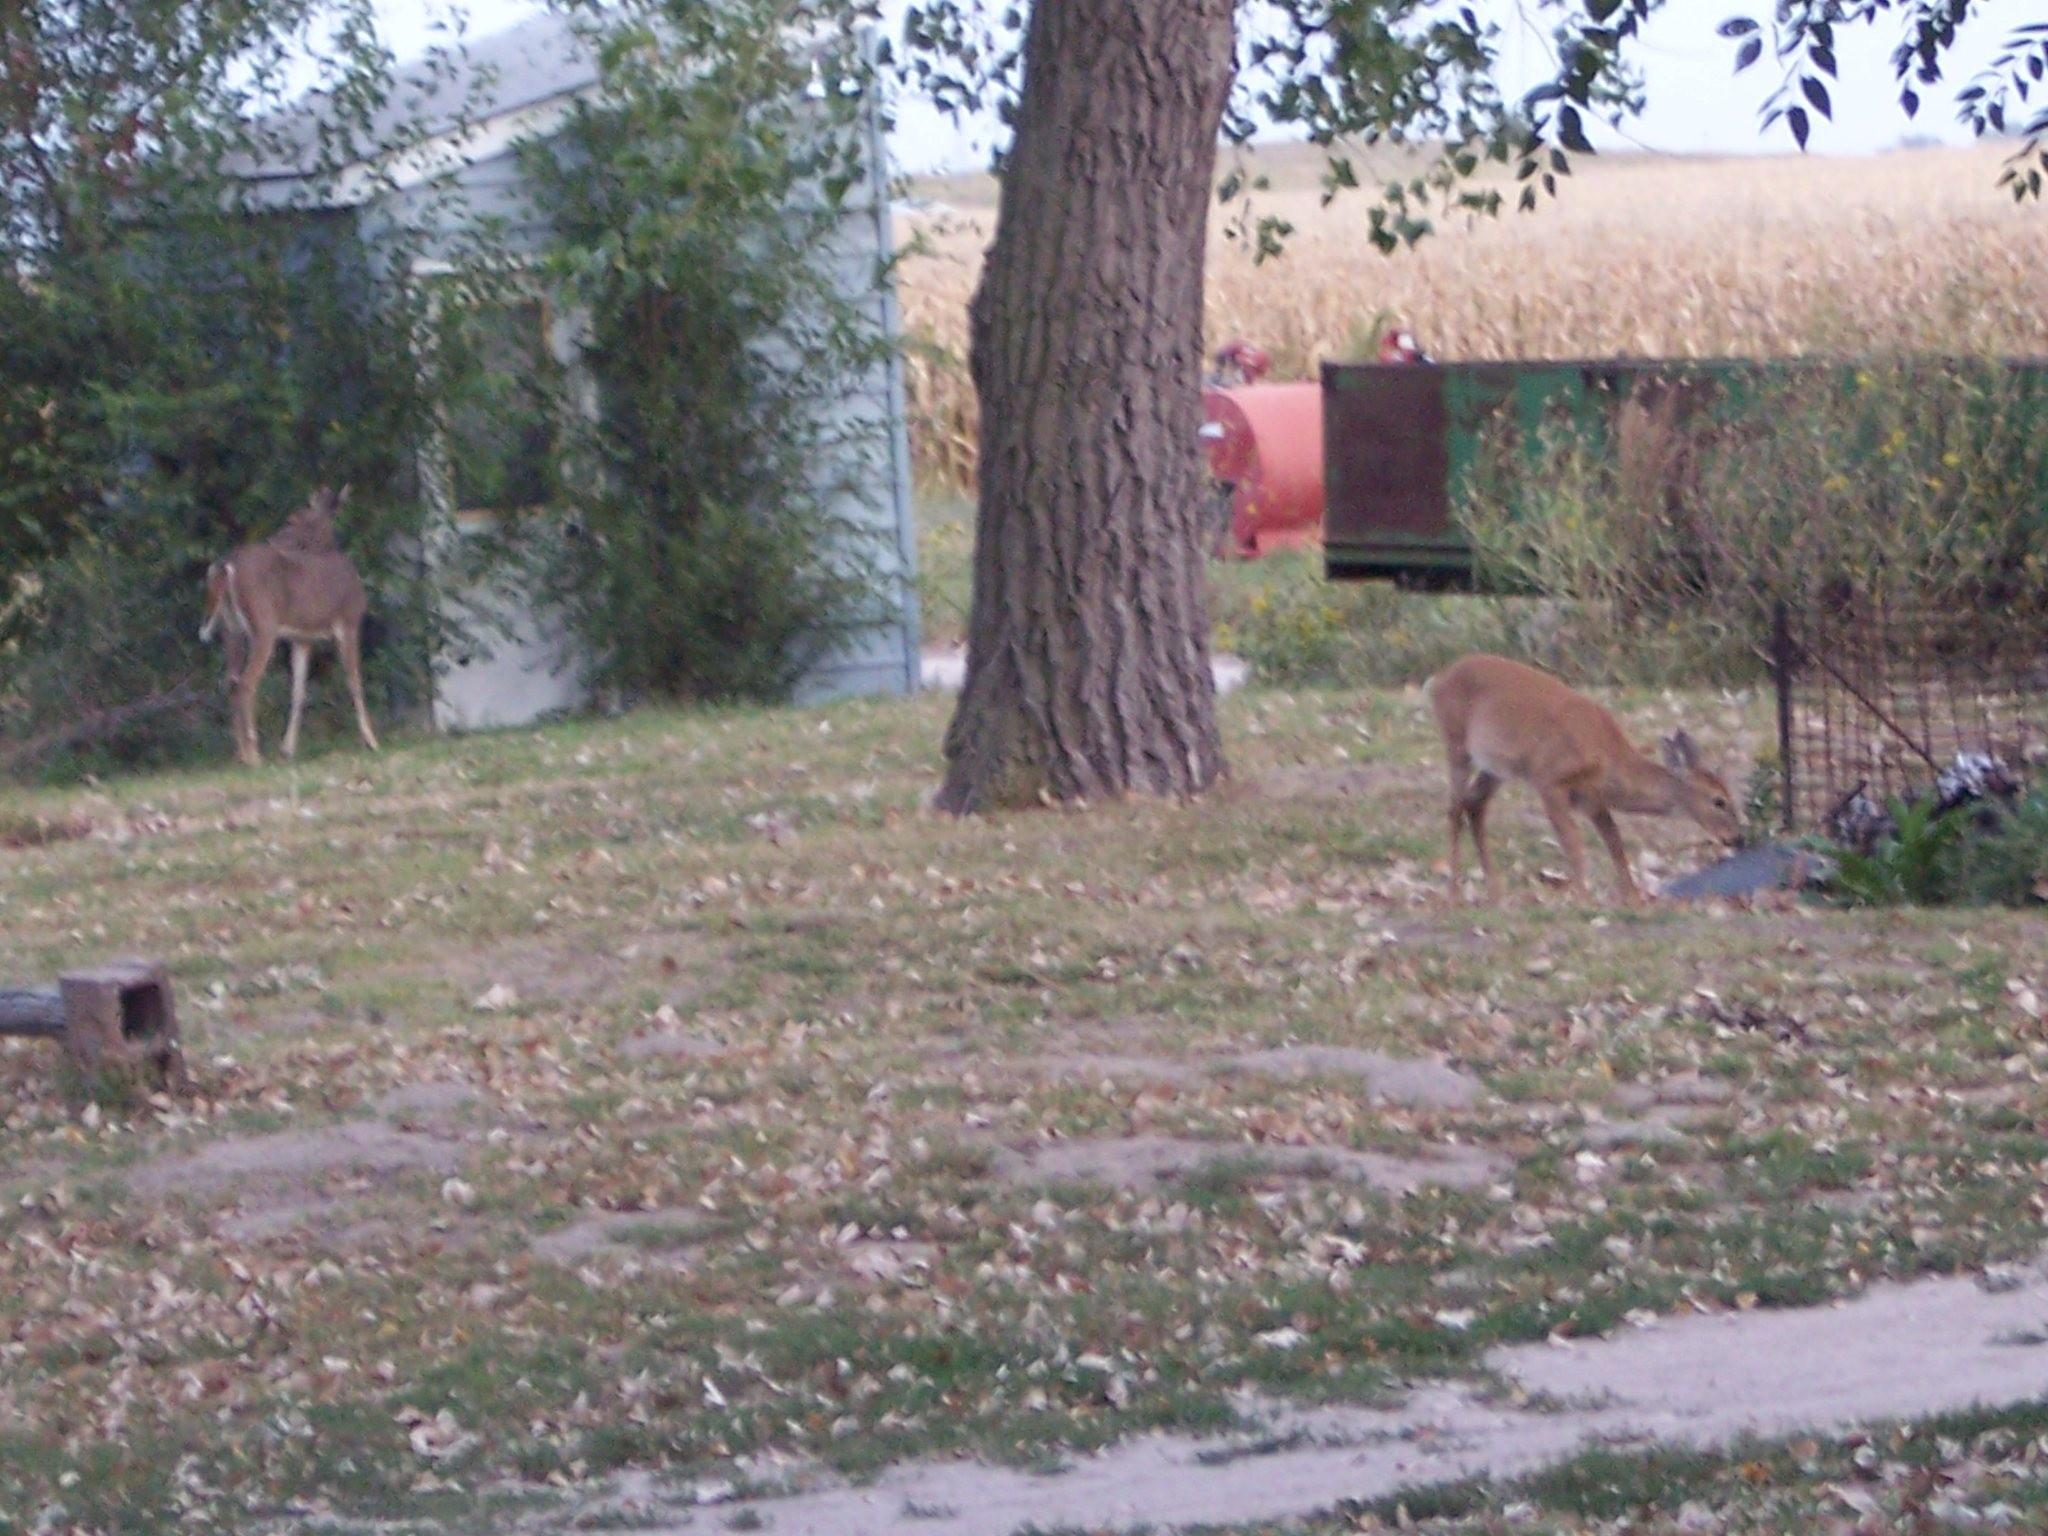 Two deer in the yard